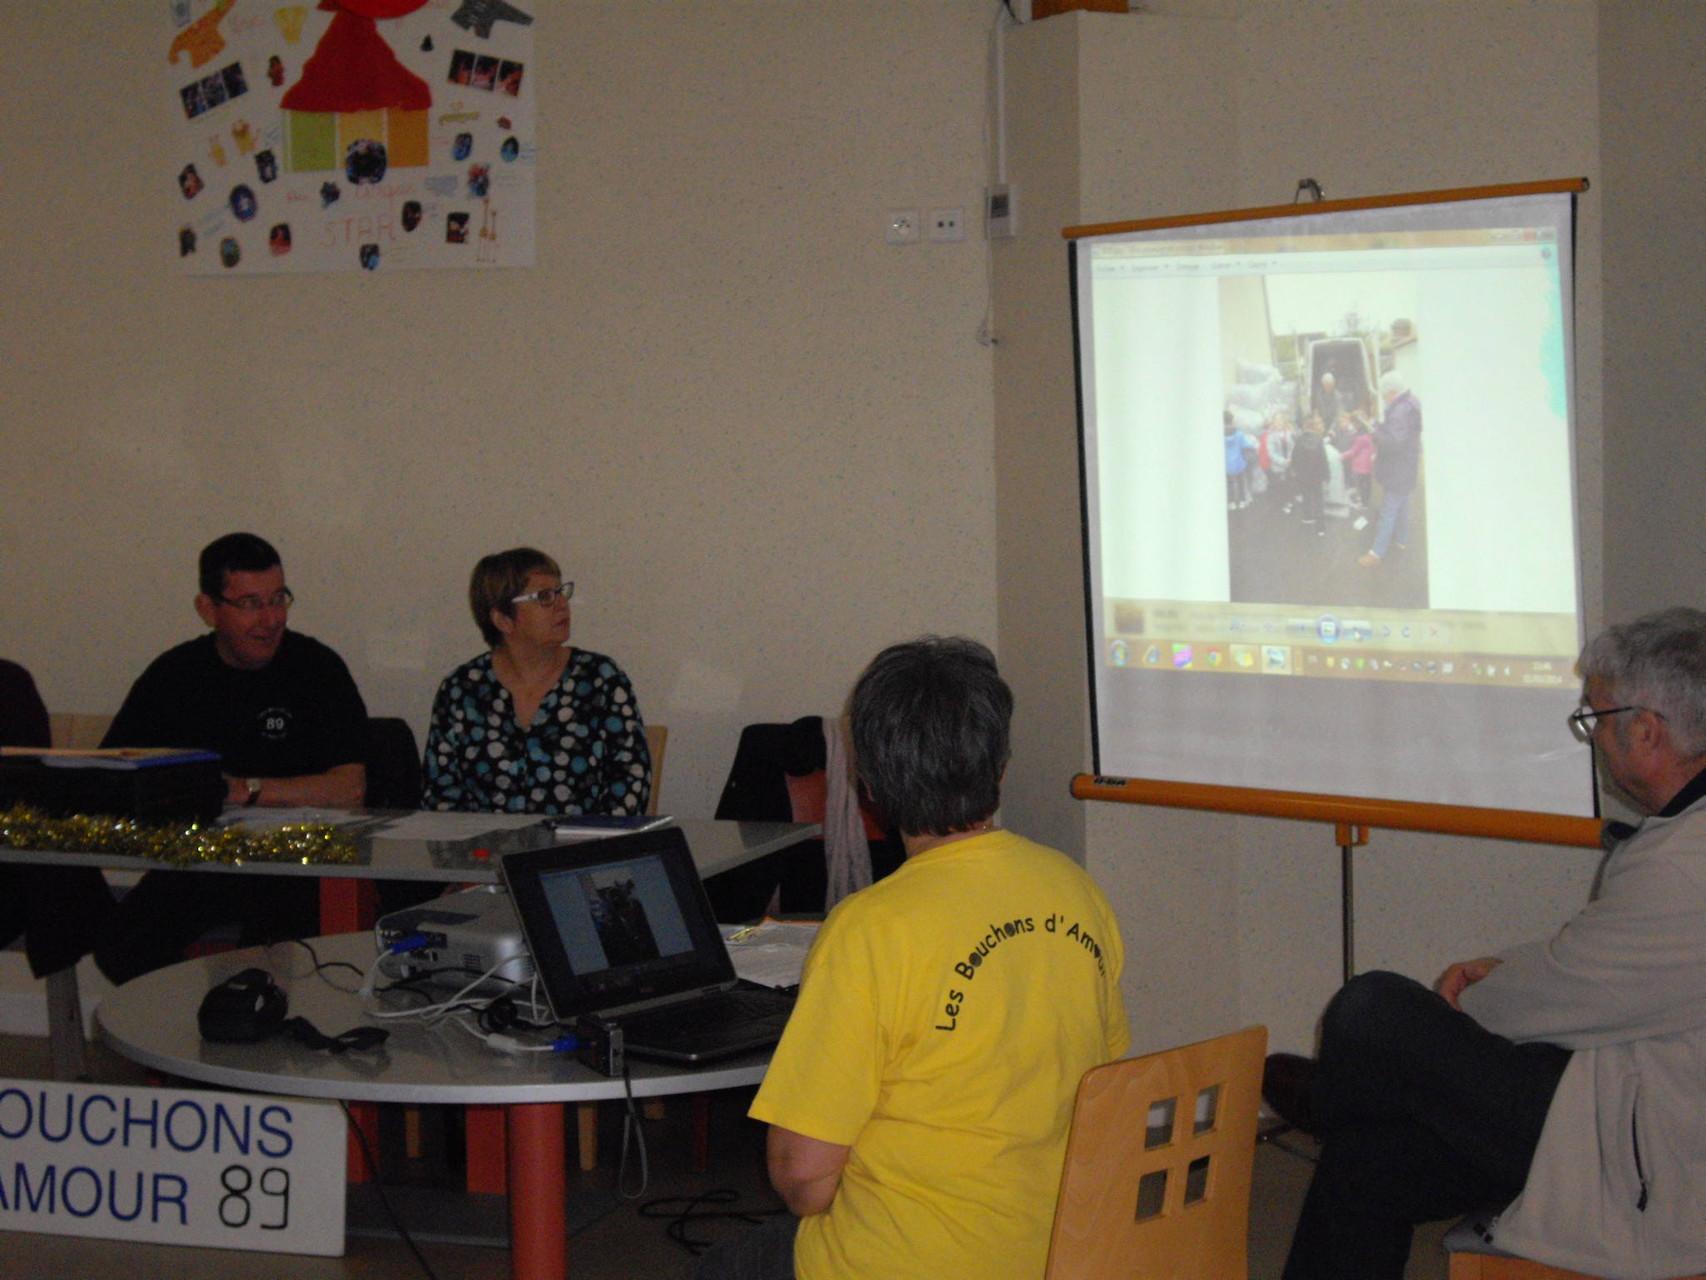 Le bilan des activités 2013 présenté aux bénévoles.